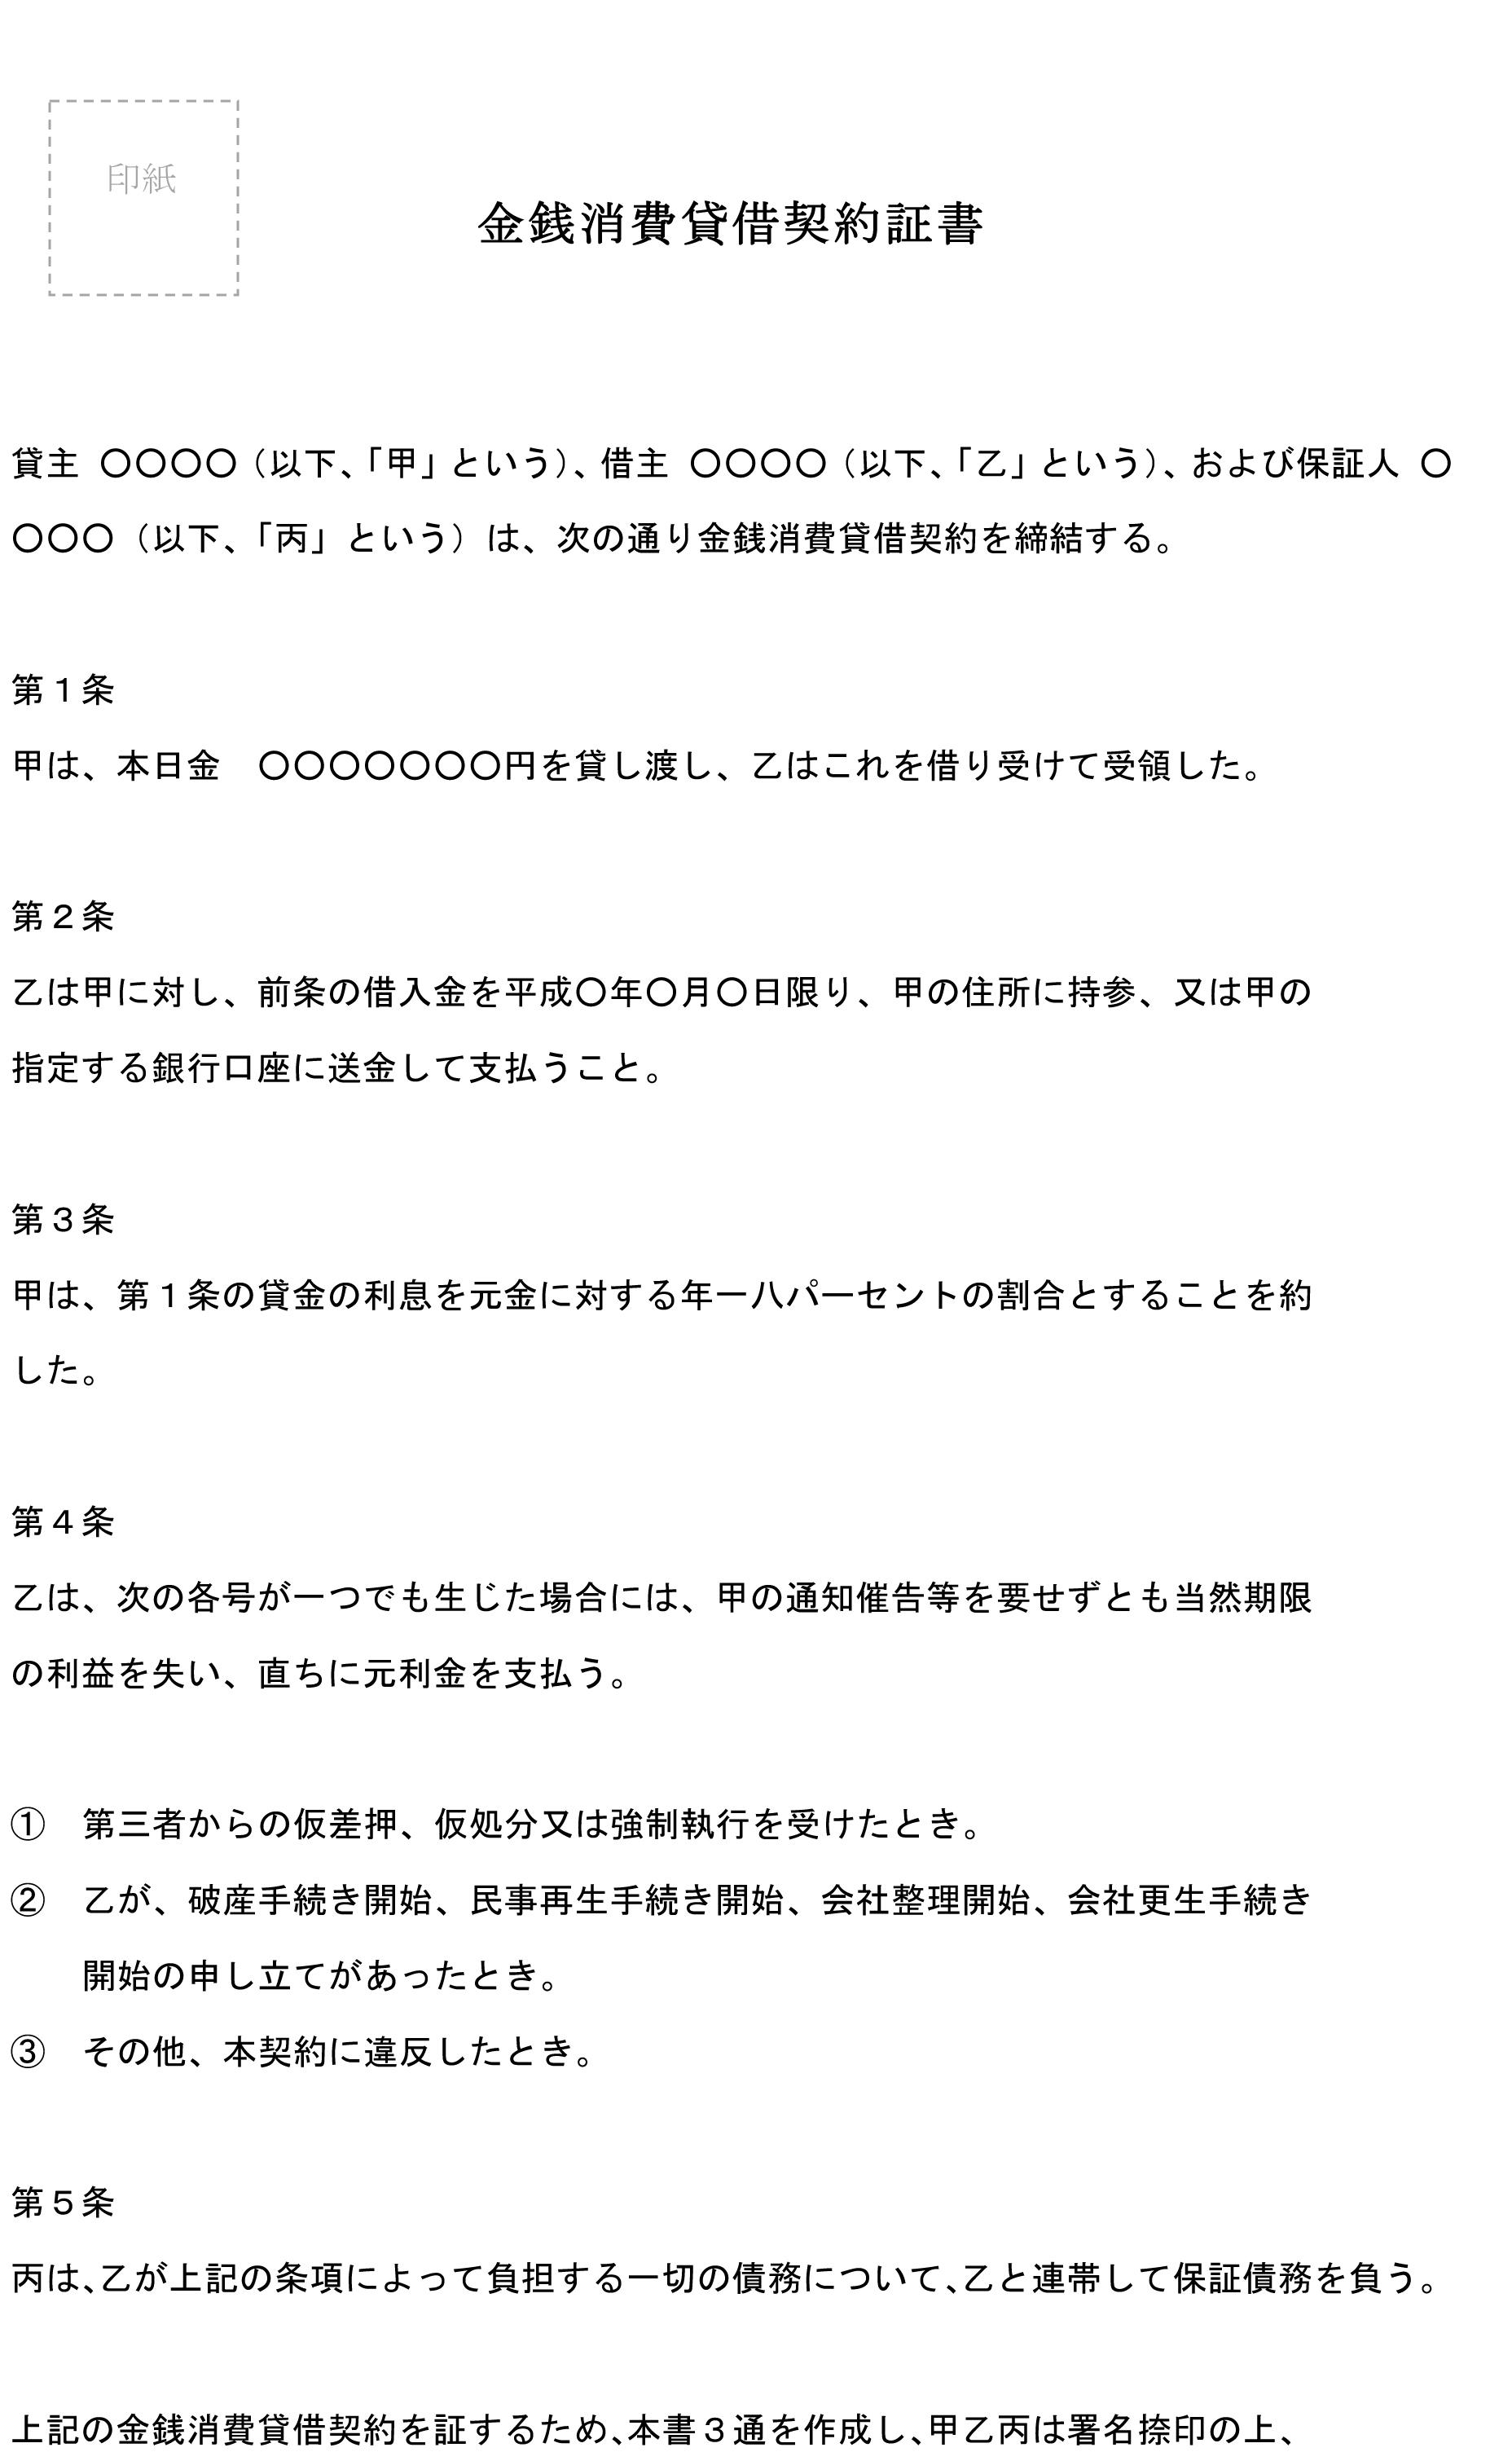 金銭消費賃借契約証書02